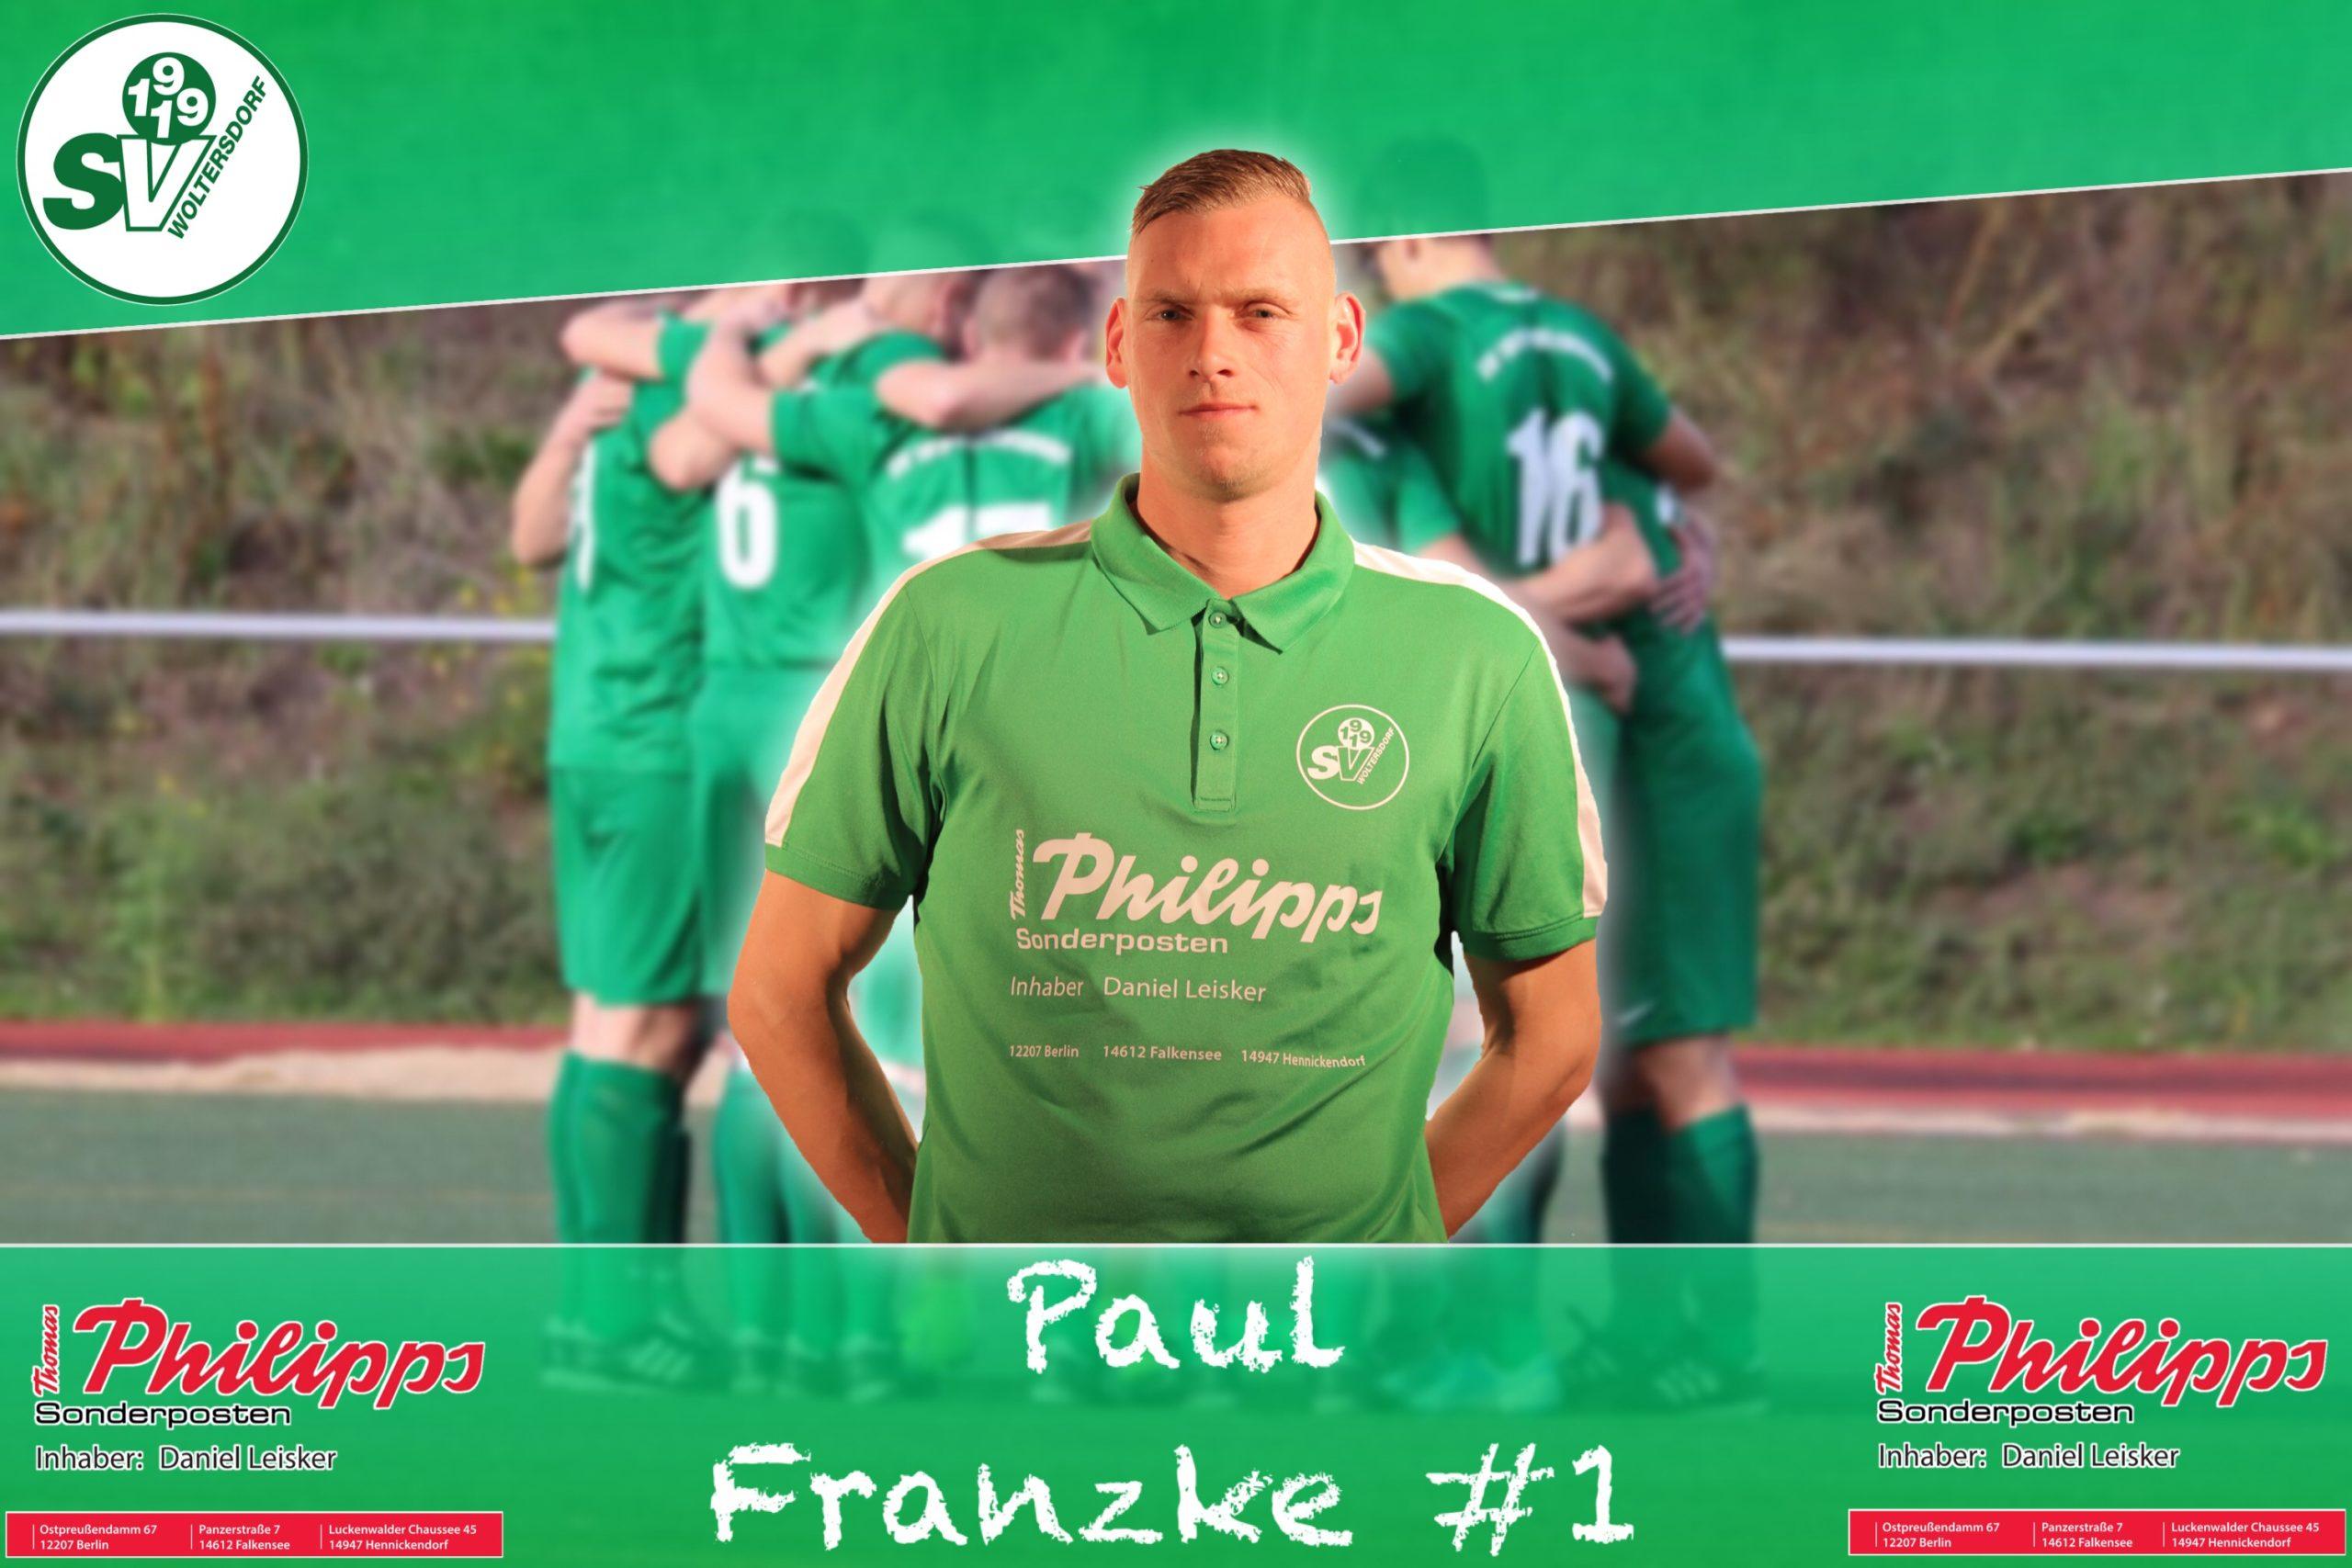 Paul Franzke